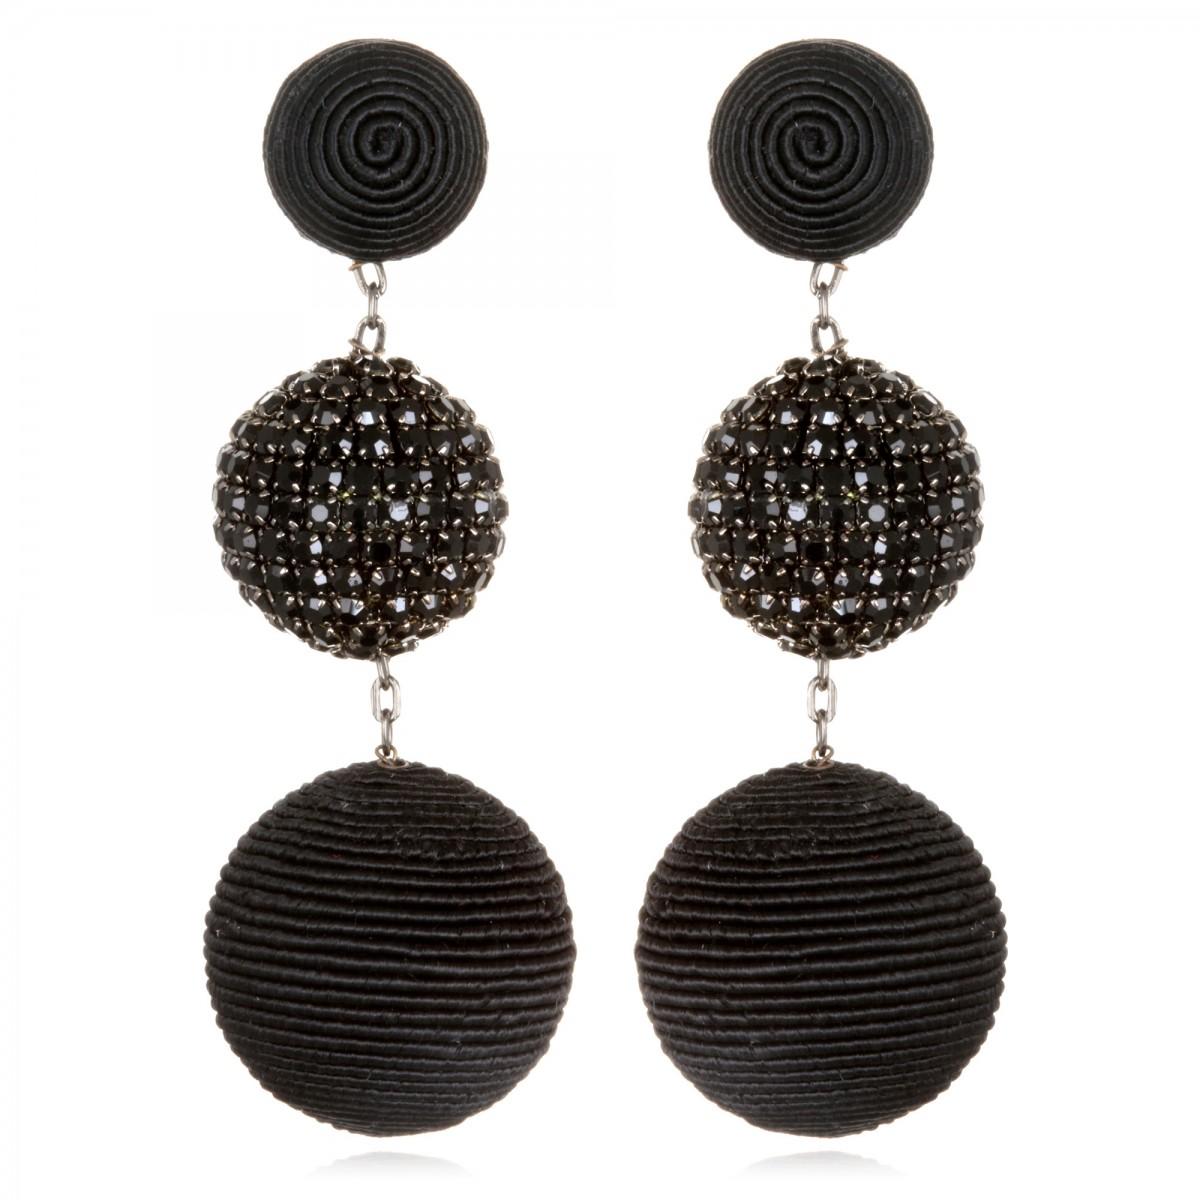 Black Beaded BonBon Earrings by SUZANNA DAI